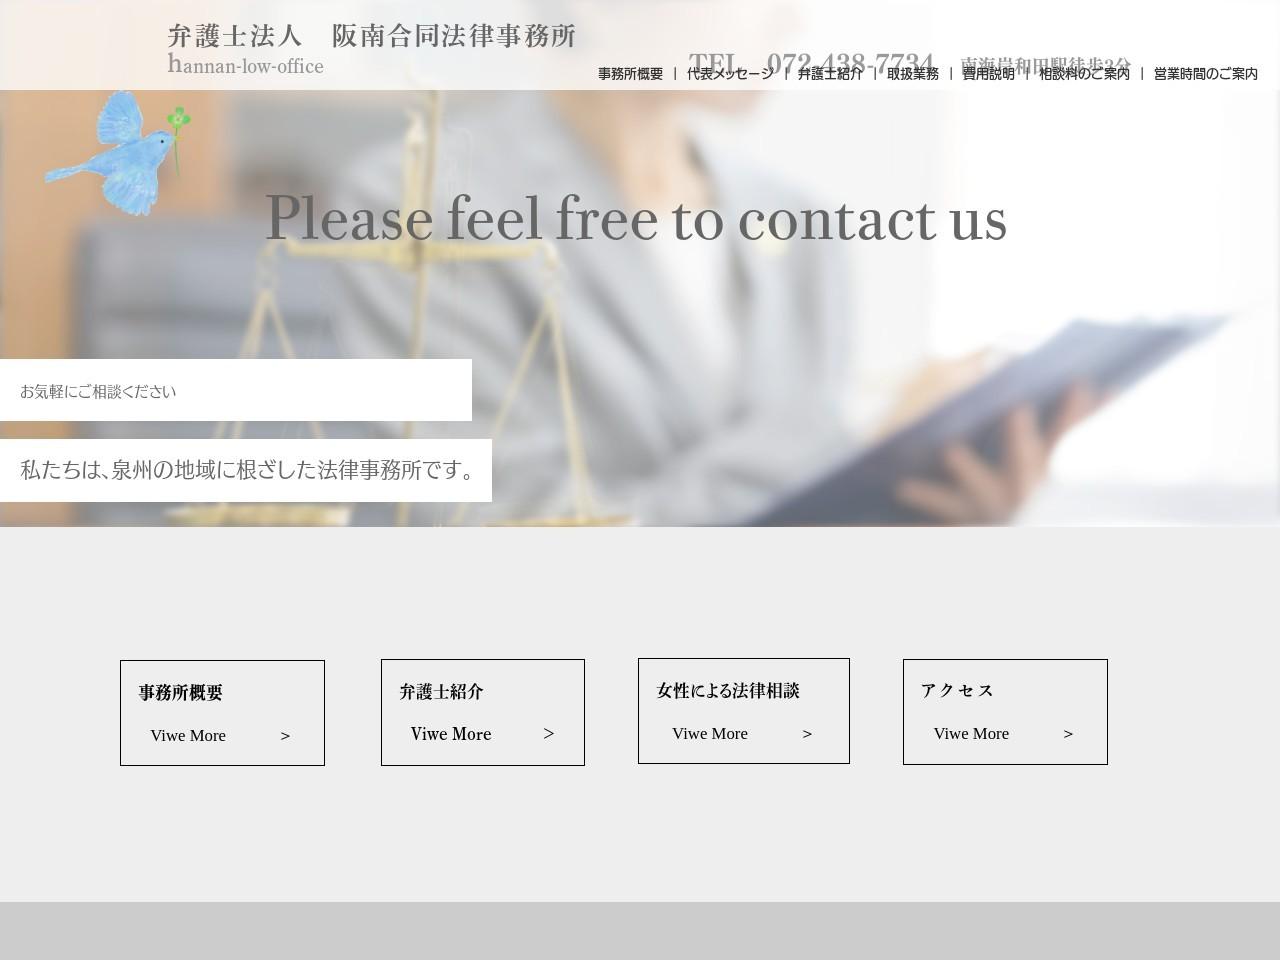 阪南合同法律事務所(弁護士法人)